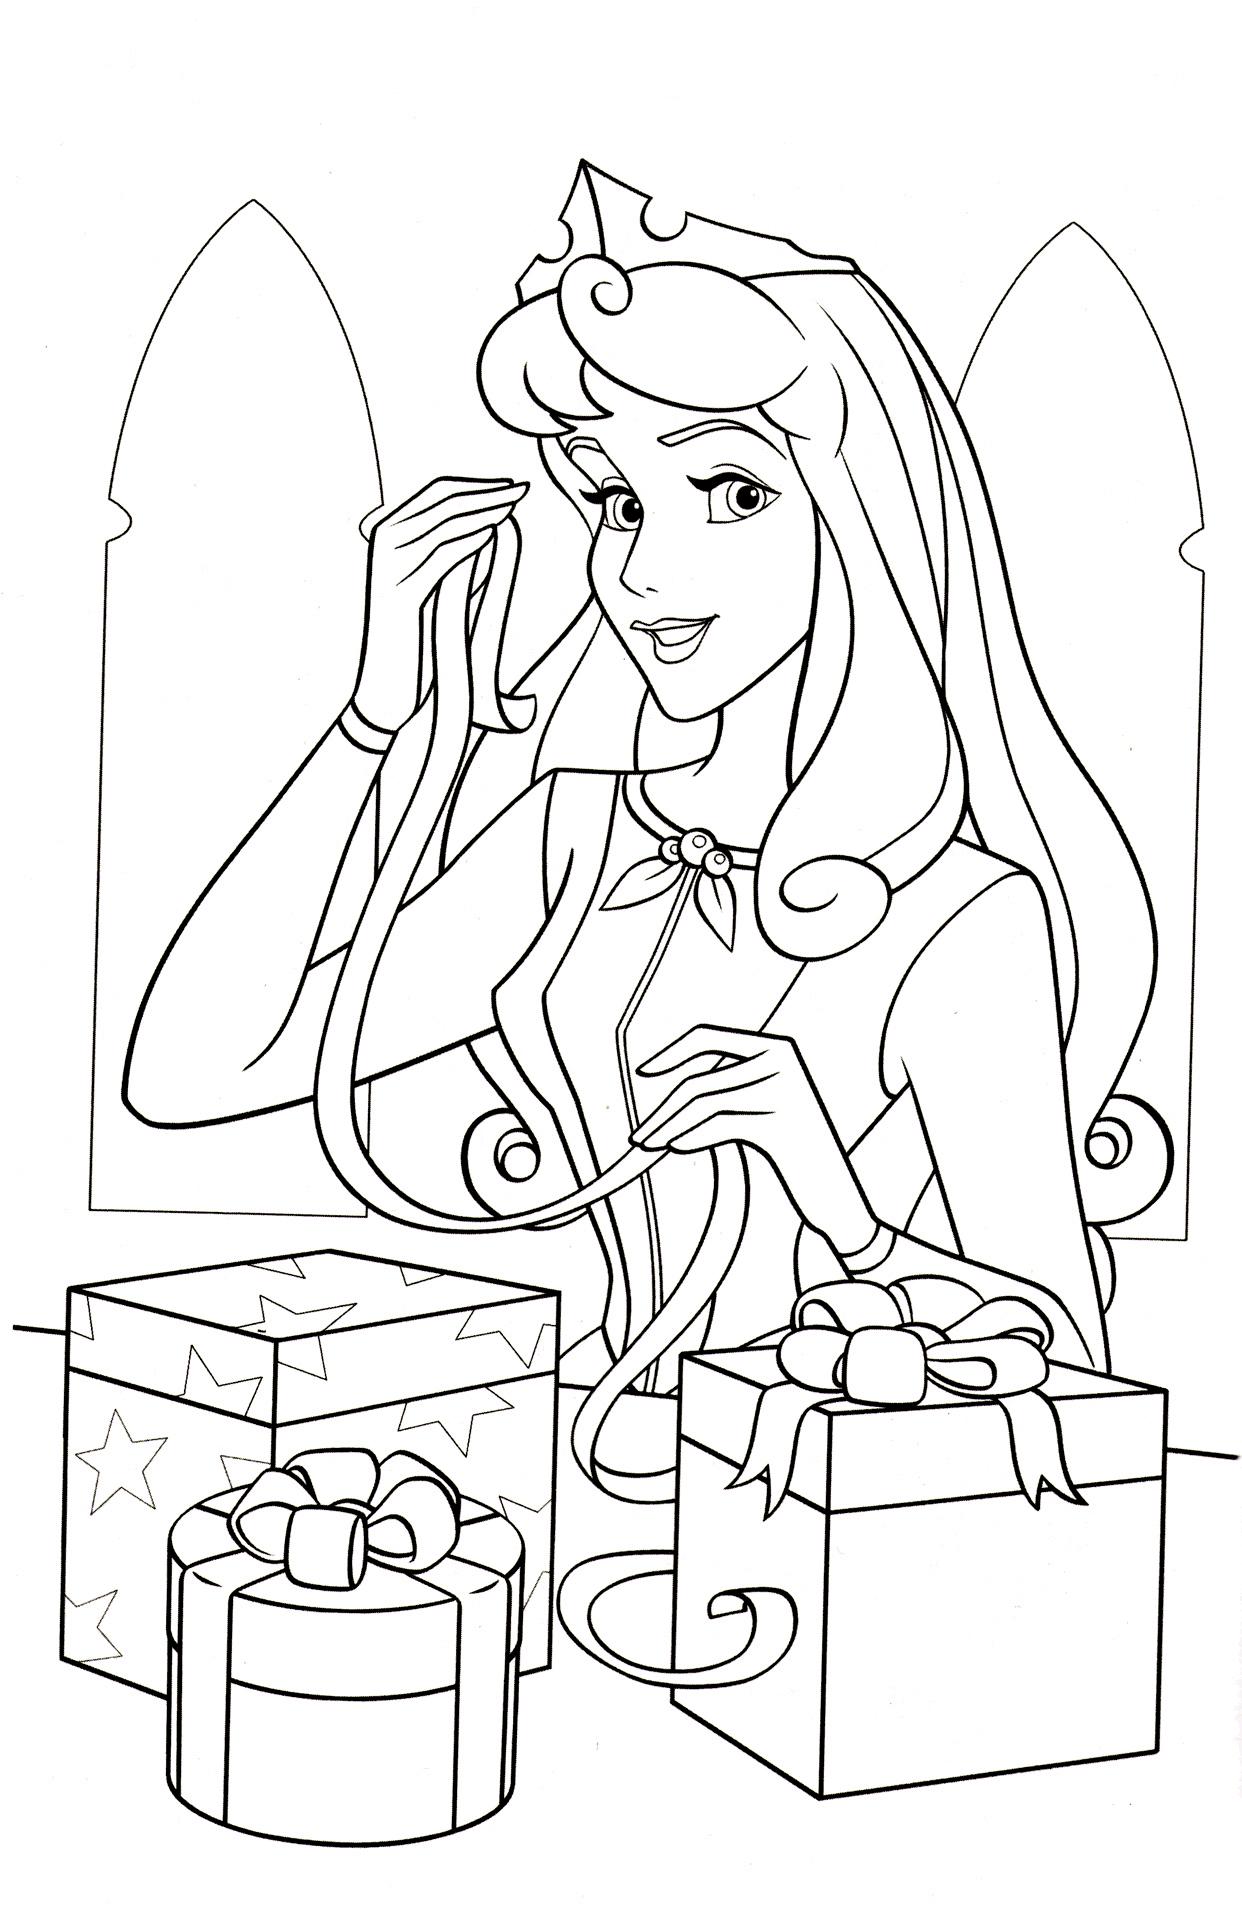 Аврора с подарками - Принцессы Дисней - Раскраски антистресс